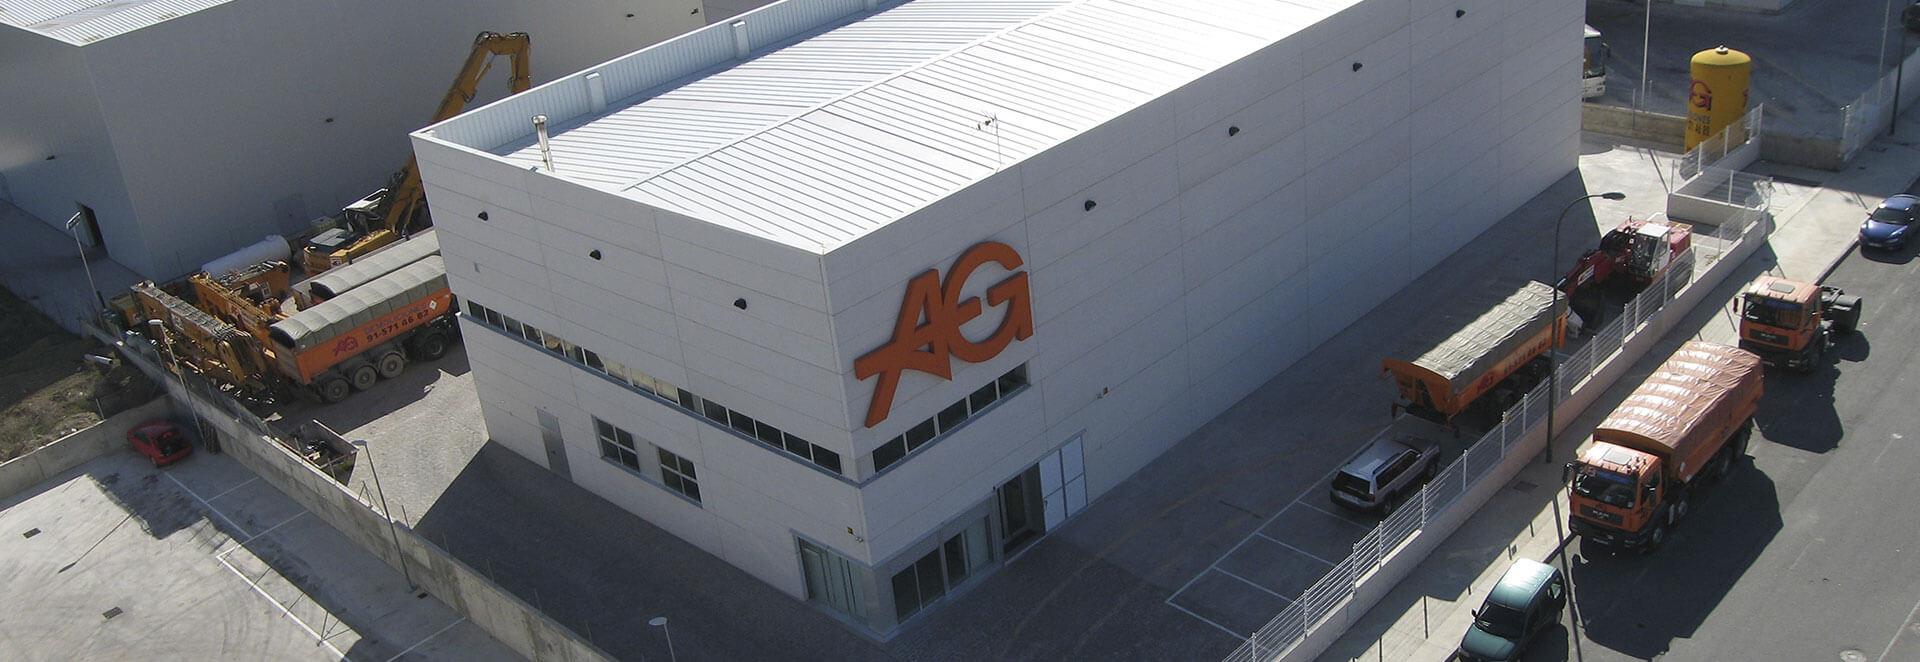 Empresa de construcción - AG Construcciones